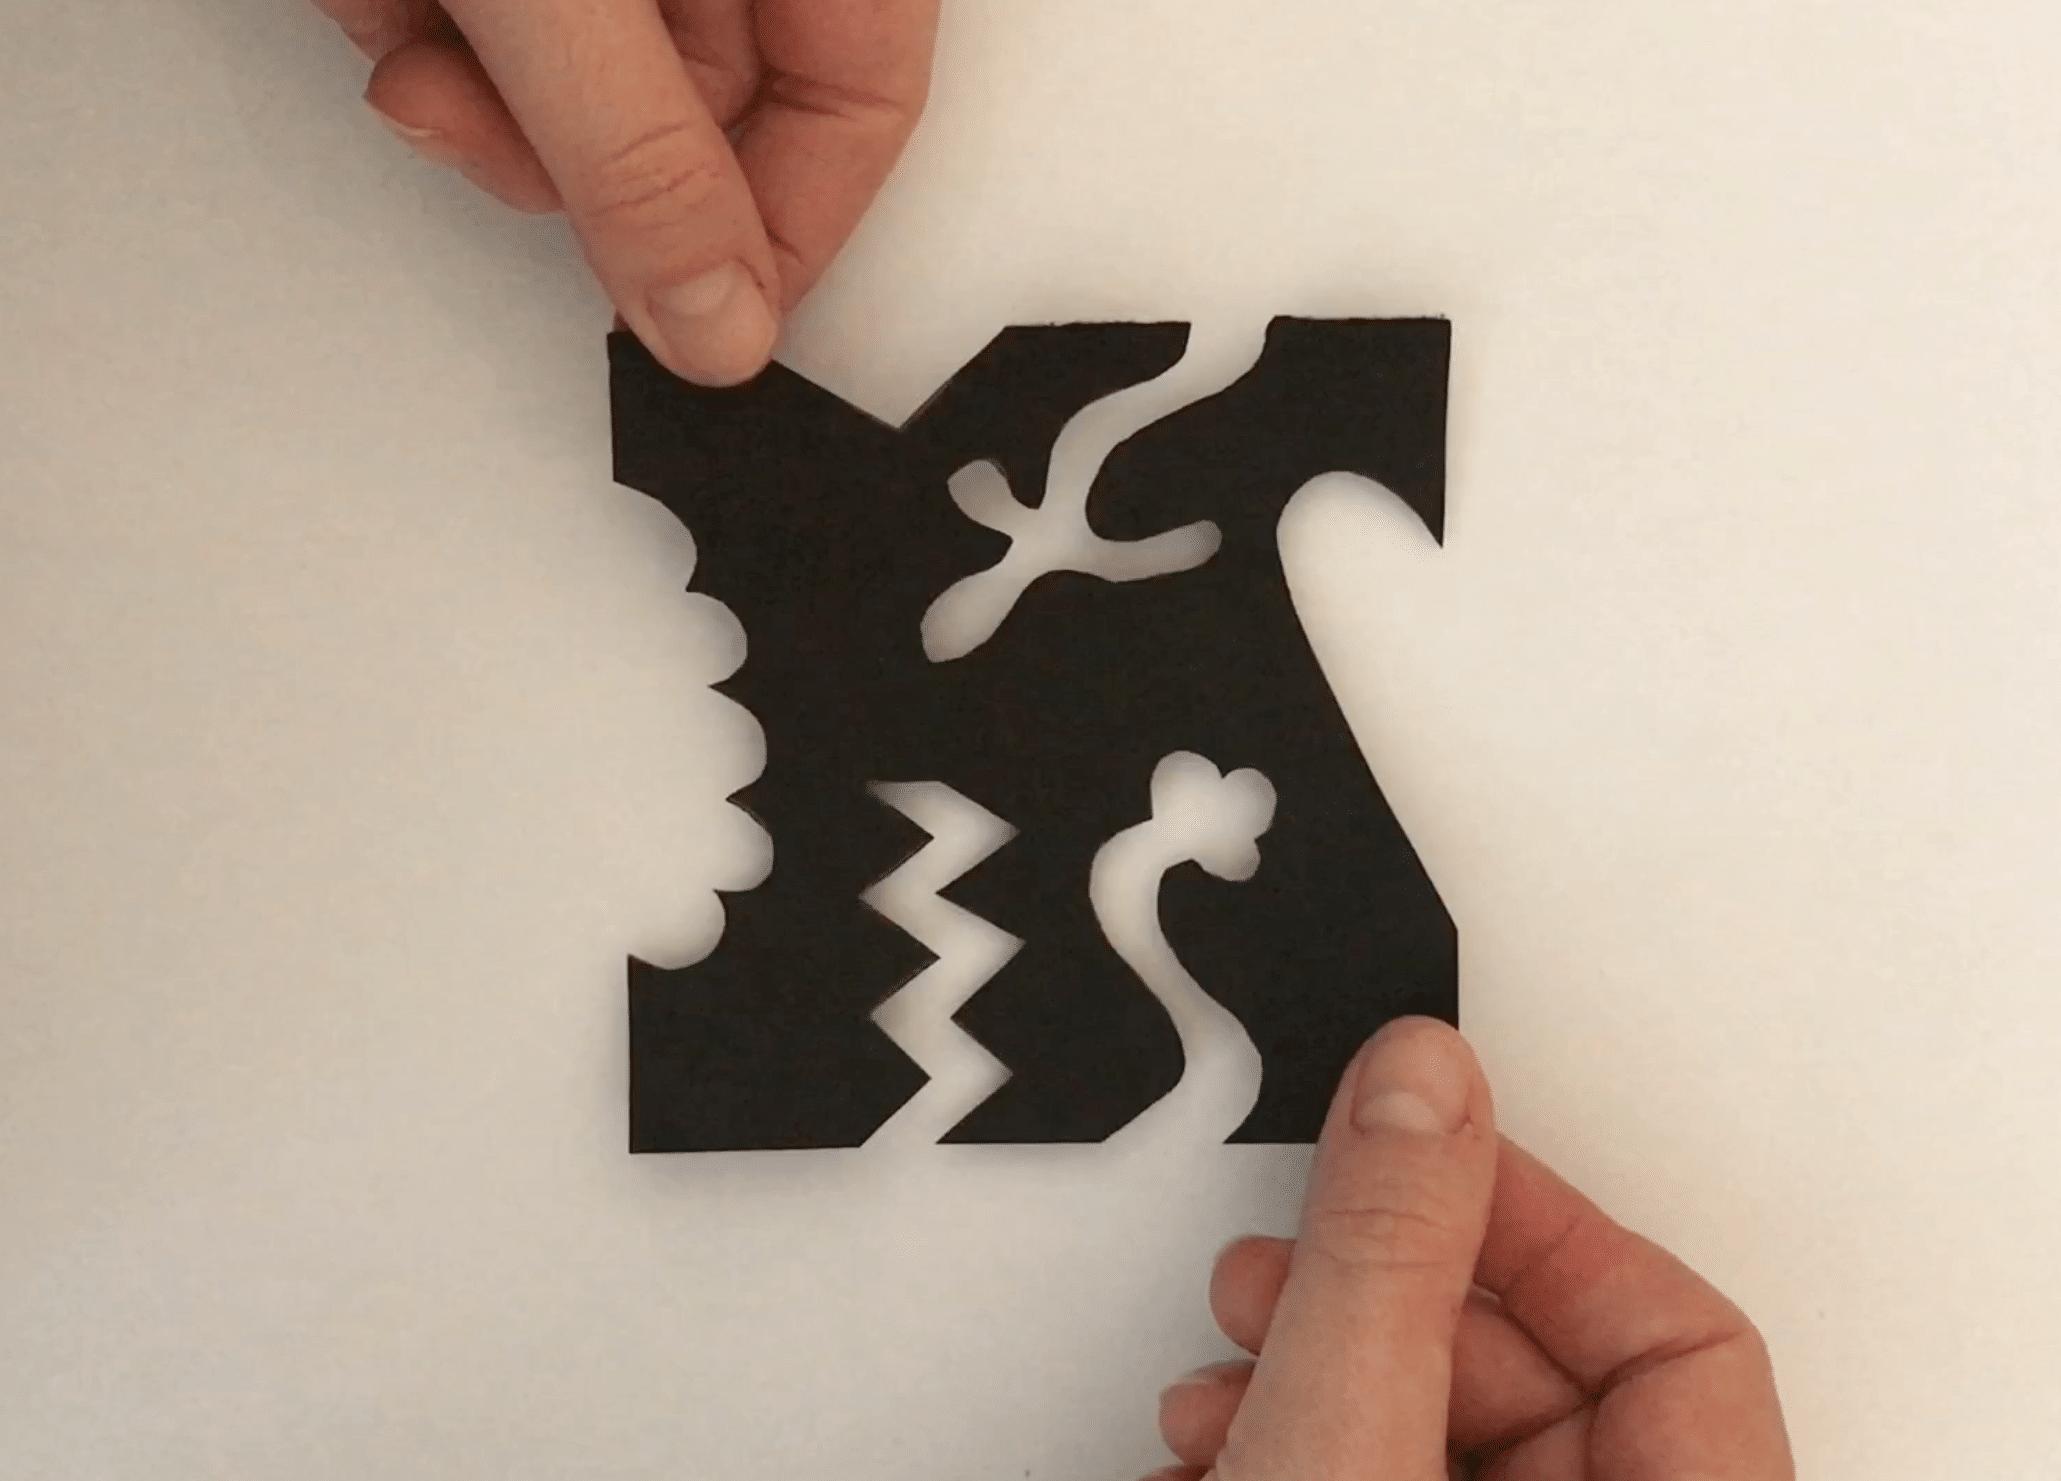 Notan art vierkant opplakken